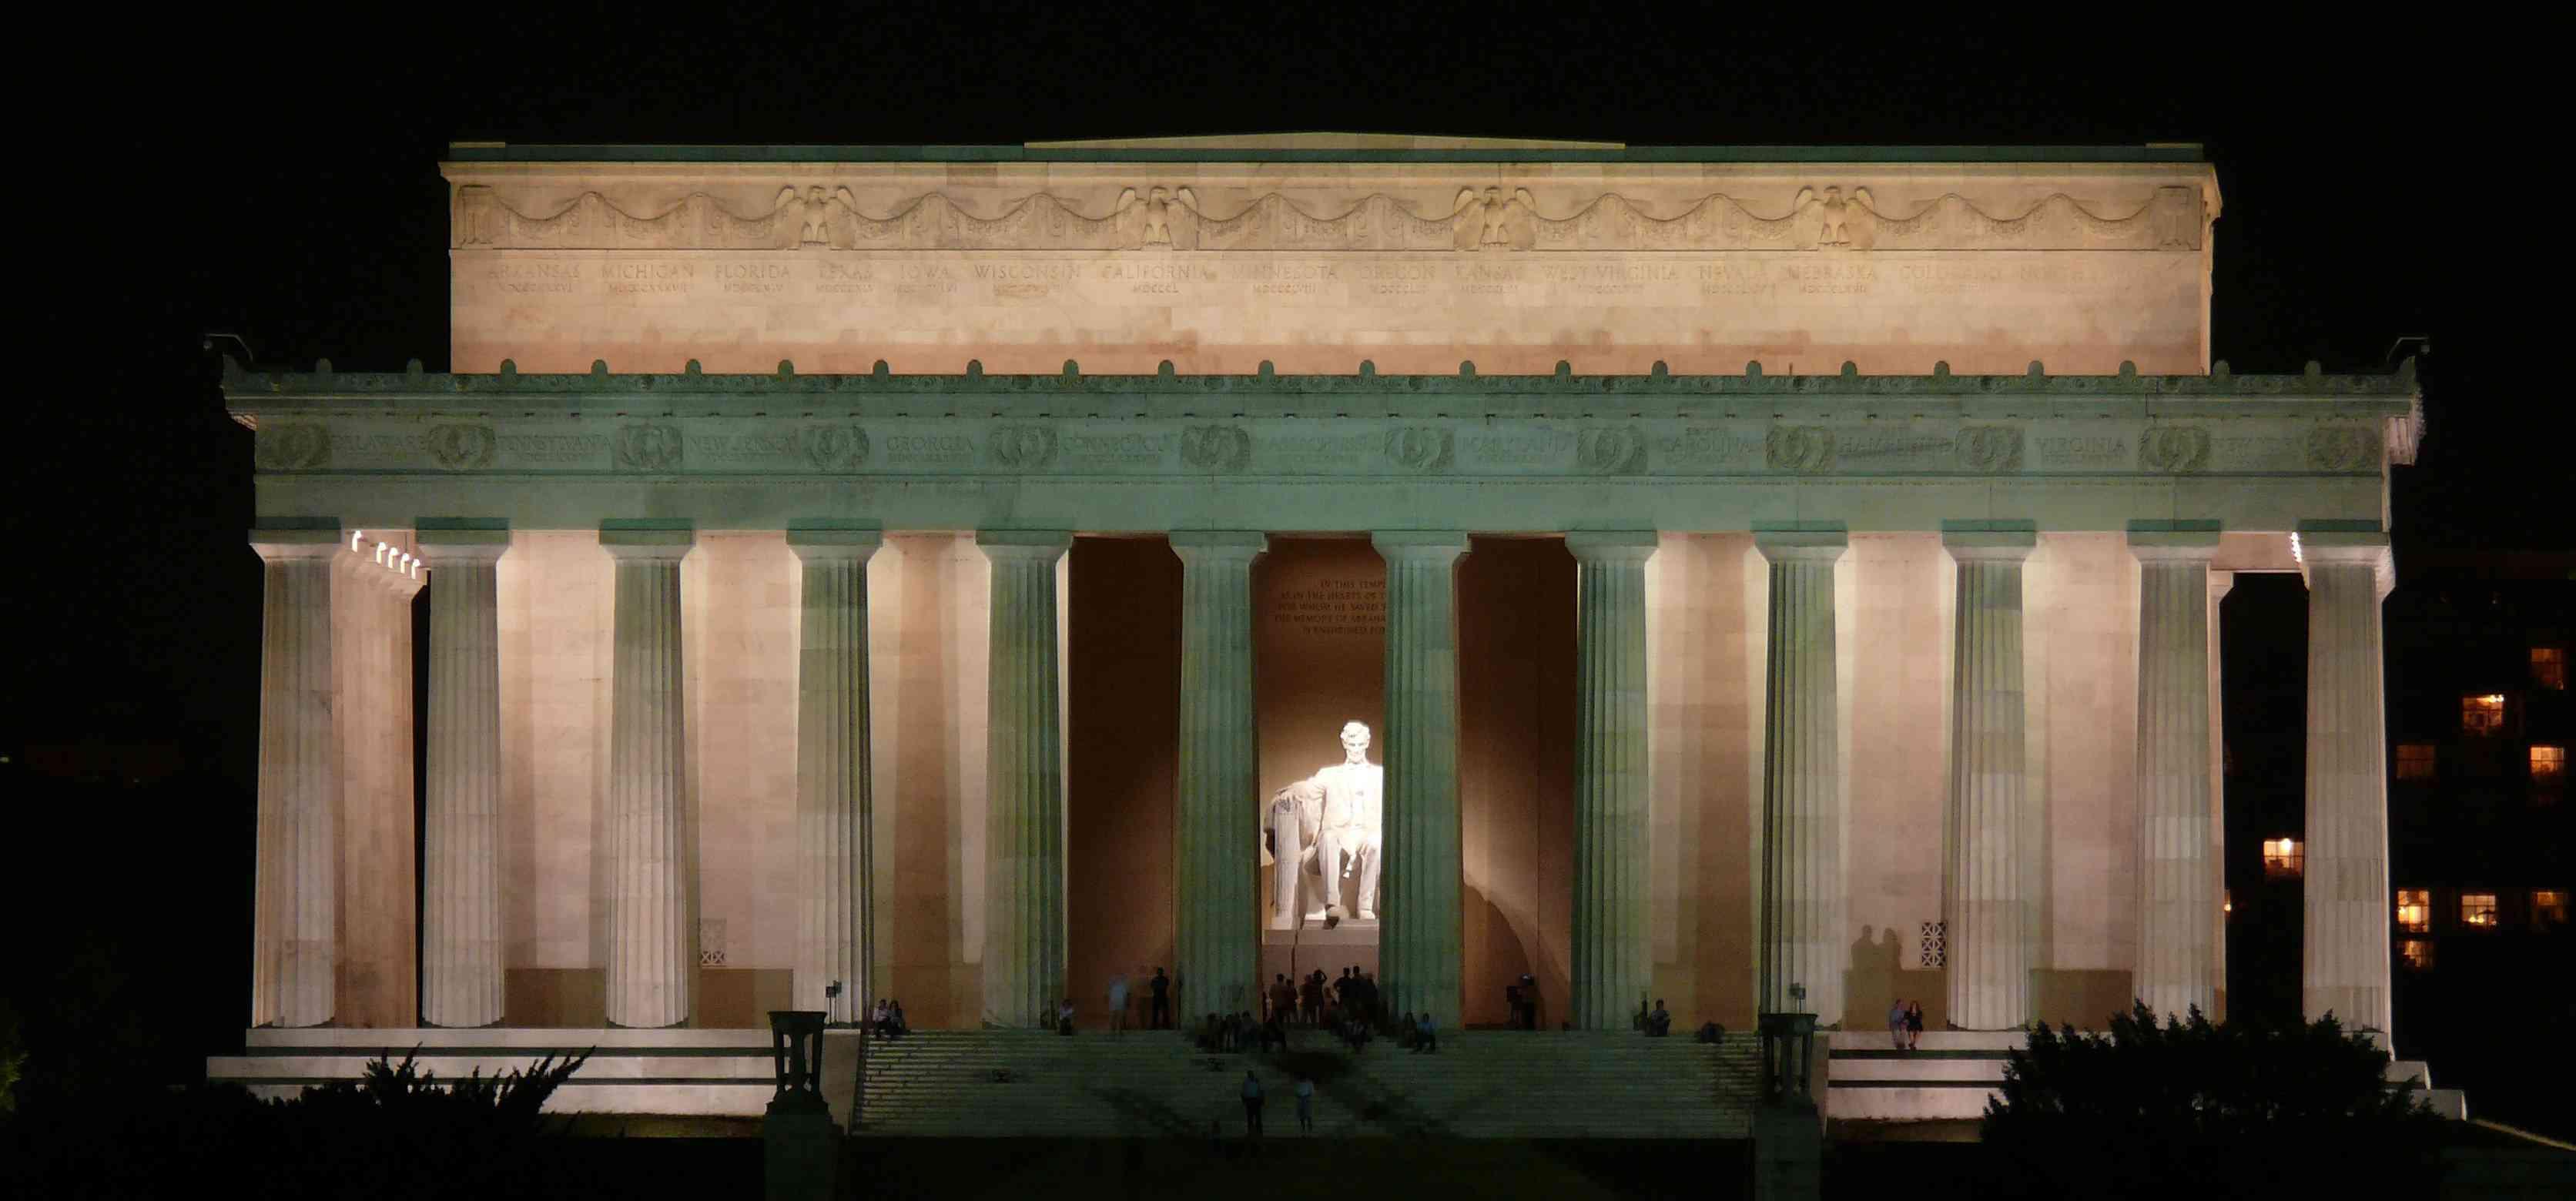 6 lugares imprescindibles que deberías visitar en Washington 3